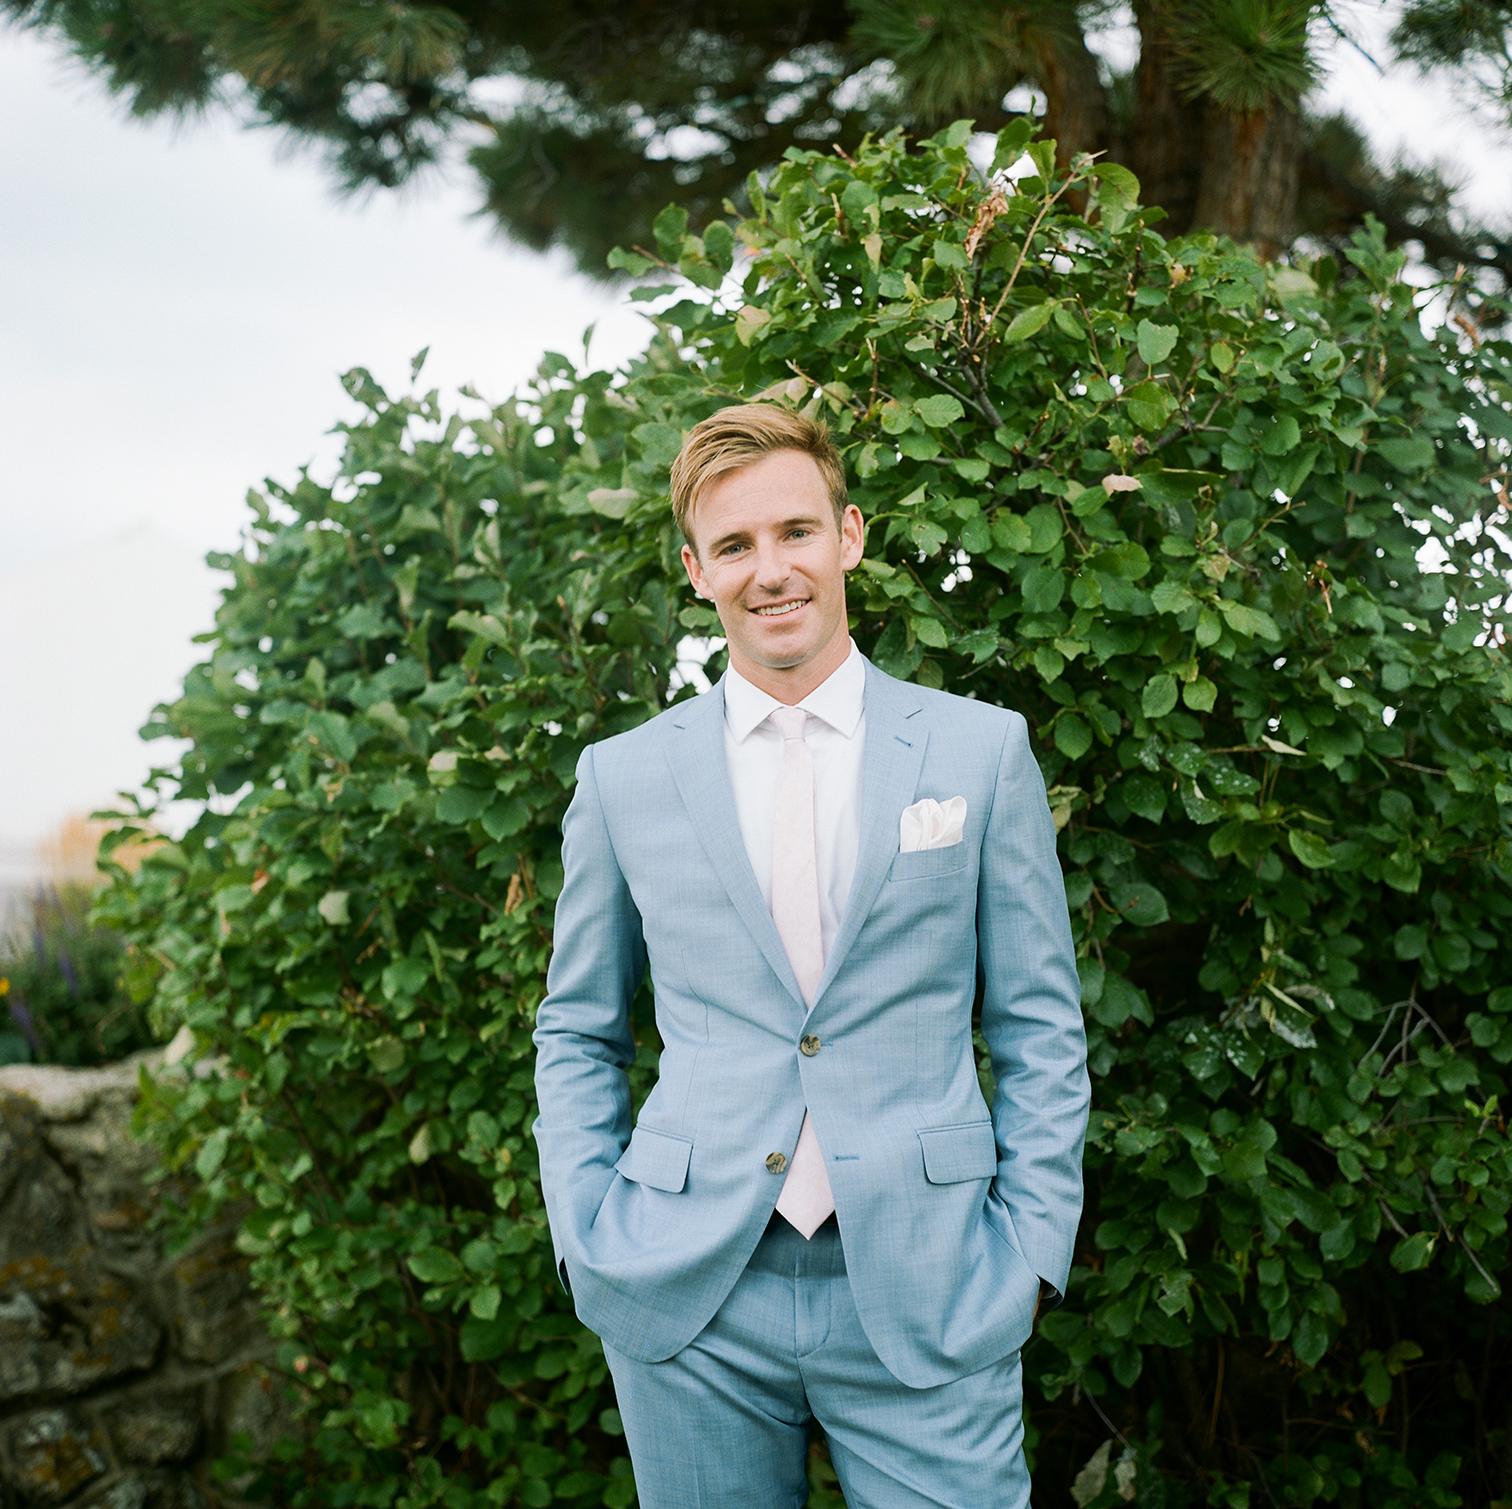 Wedding Photographers Colorado, Groom in Blue Suit, Desintation Weddings in Colorado, Denver Wedding Photos